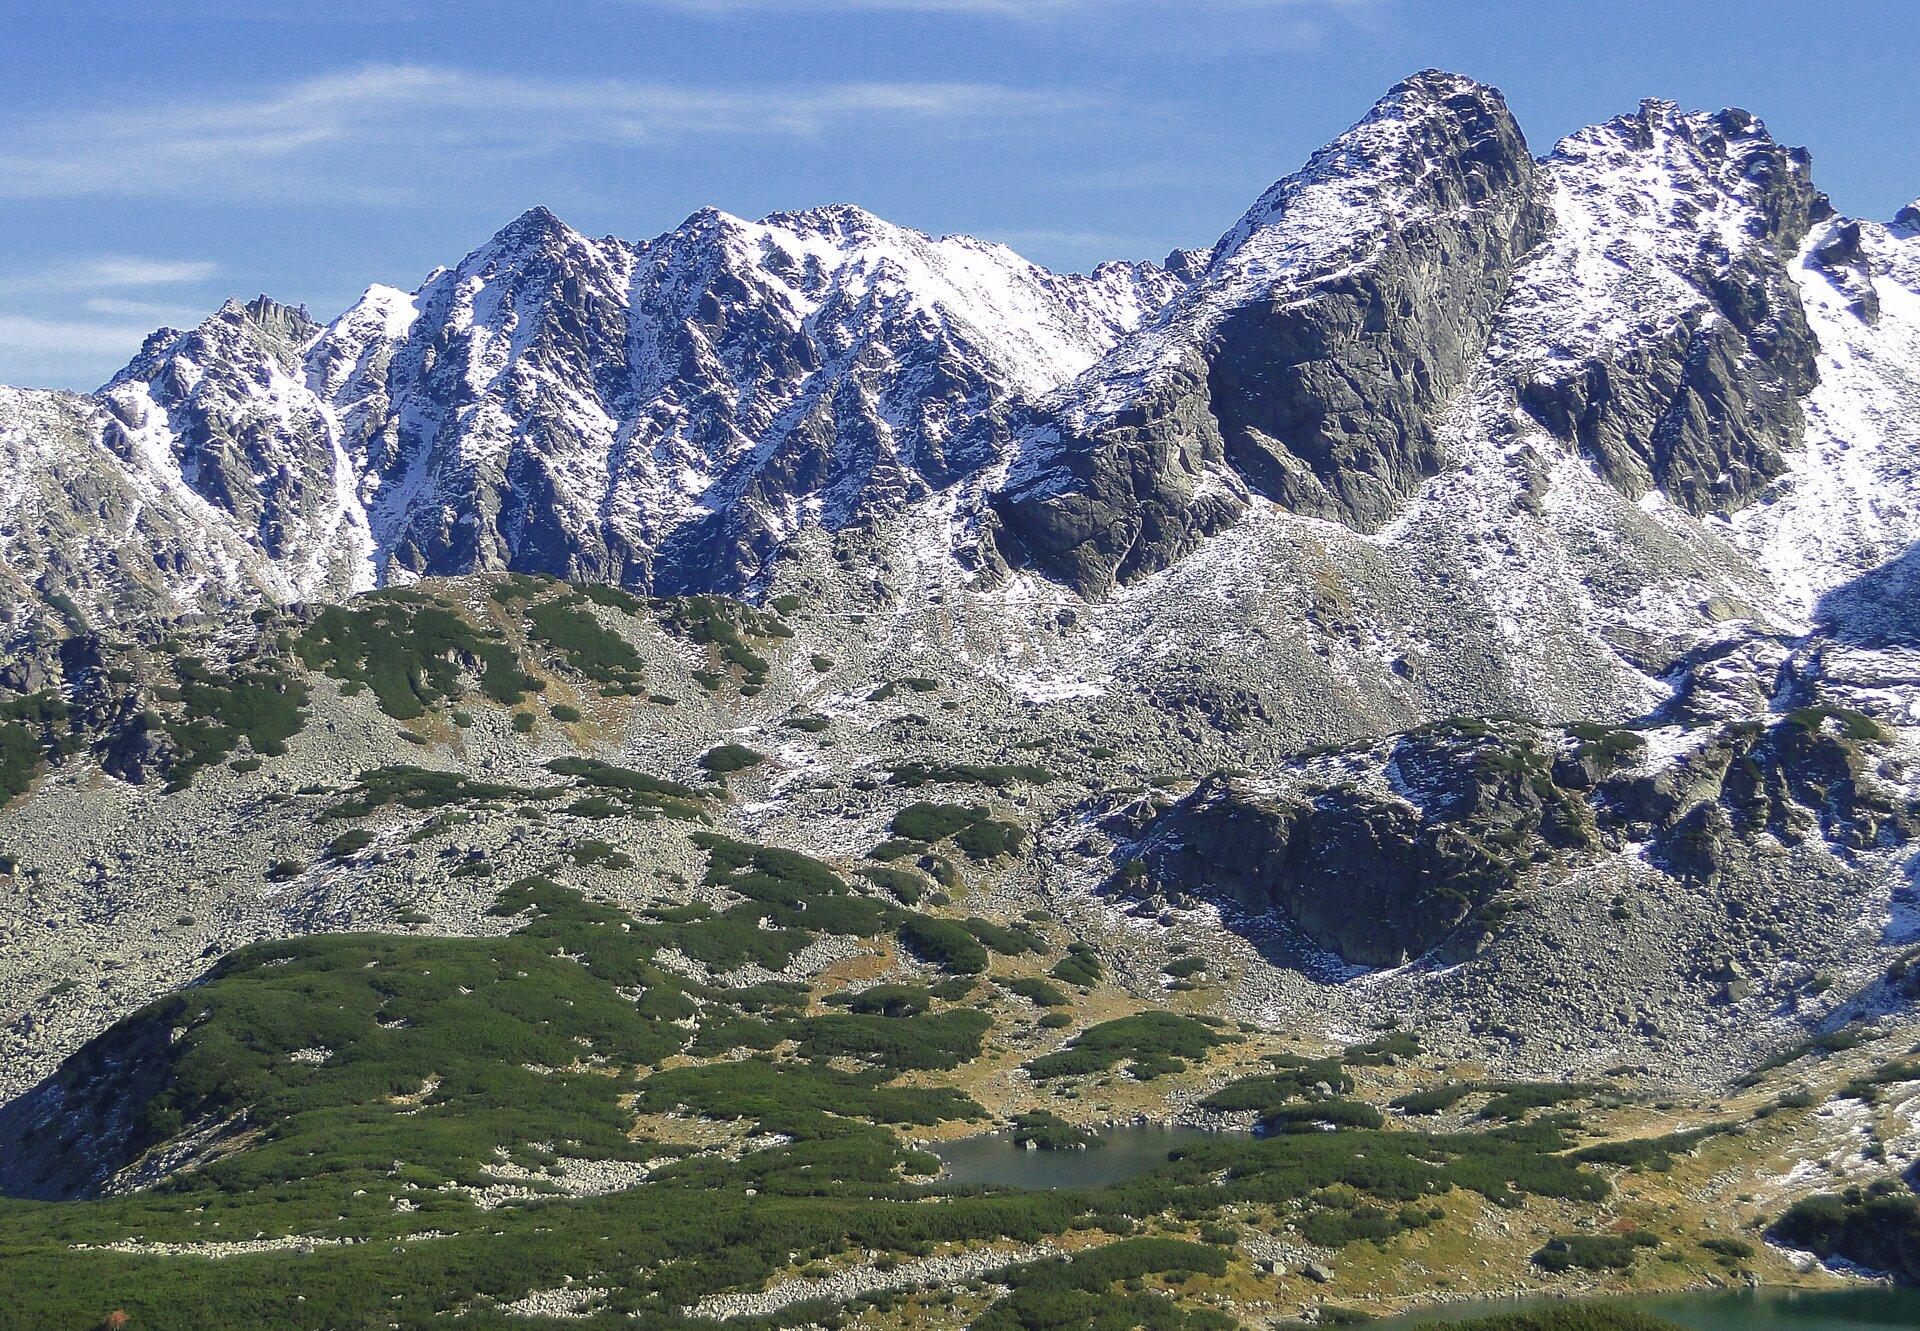 Trzecia fotografia, to góry wysokie Tatry, widoczne wysokie nagie szczyty górskie.